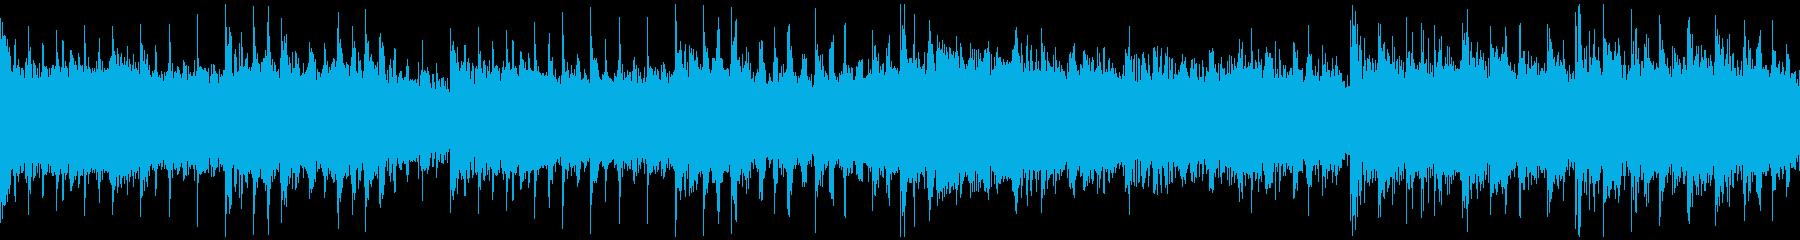 ホラーやRPGダンジョンをイメージした曲の再生済みの波形